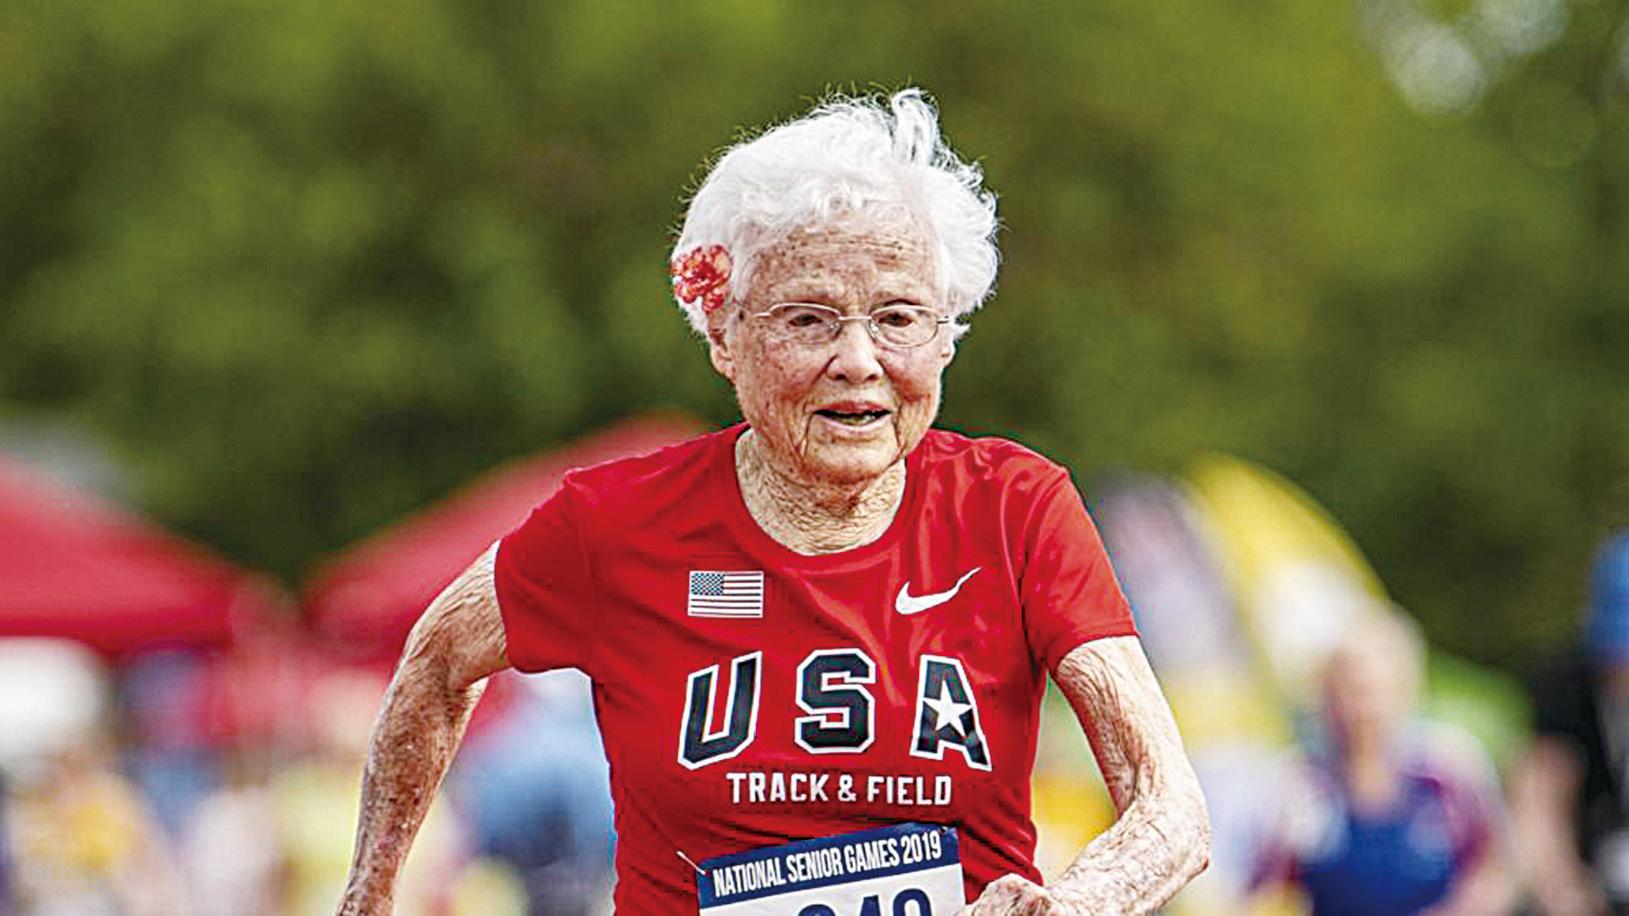 103歲老婆婆茱莉亞日前參加全美高齡運動會(National Senior Games),在百歲以上女子組100米賽事中再次問鼎冠軍寶座。(La Vanguardia Facebook)